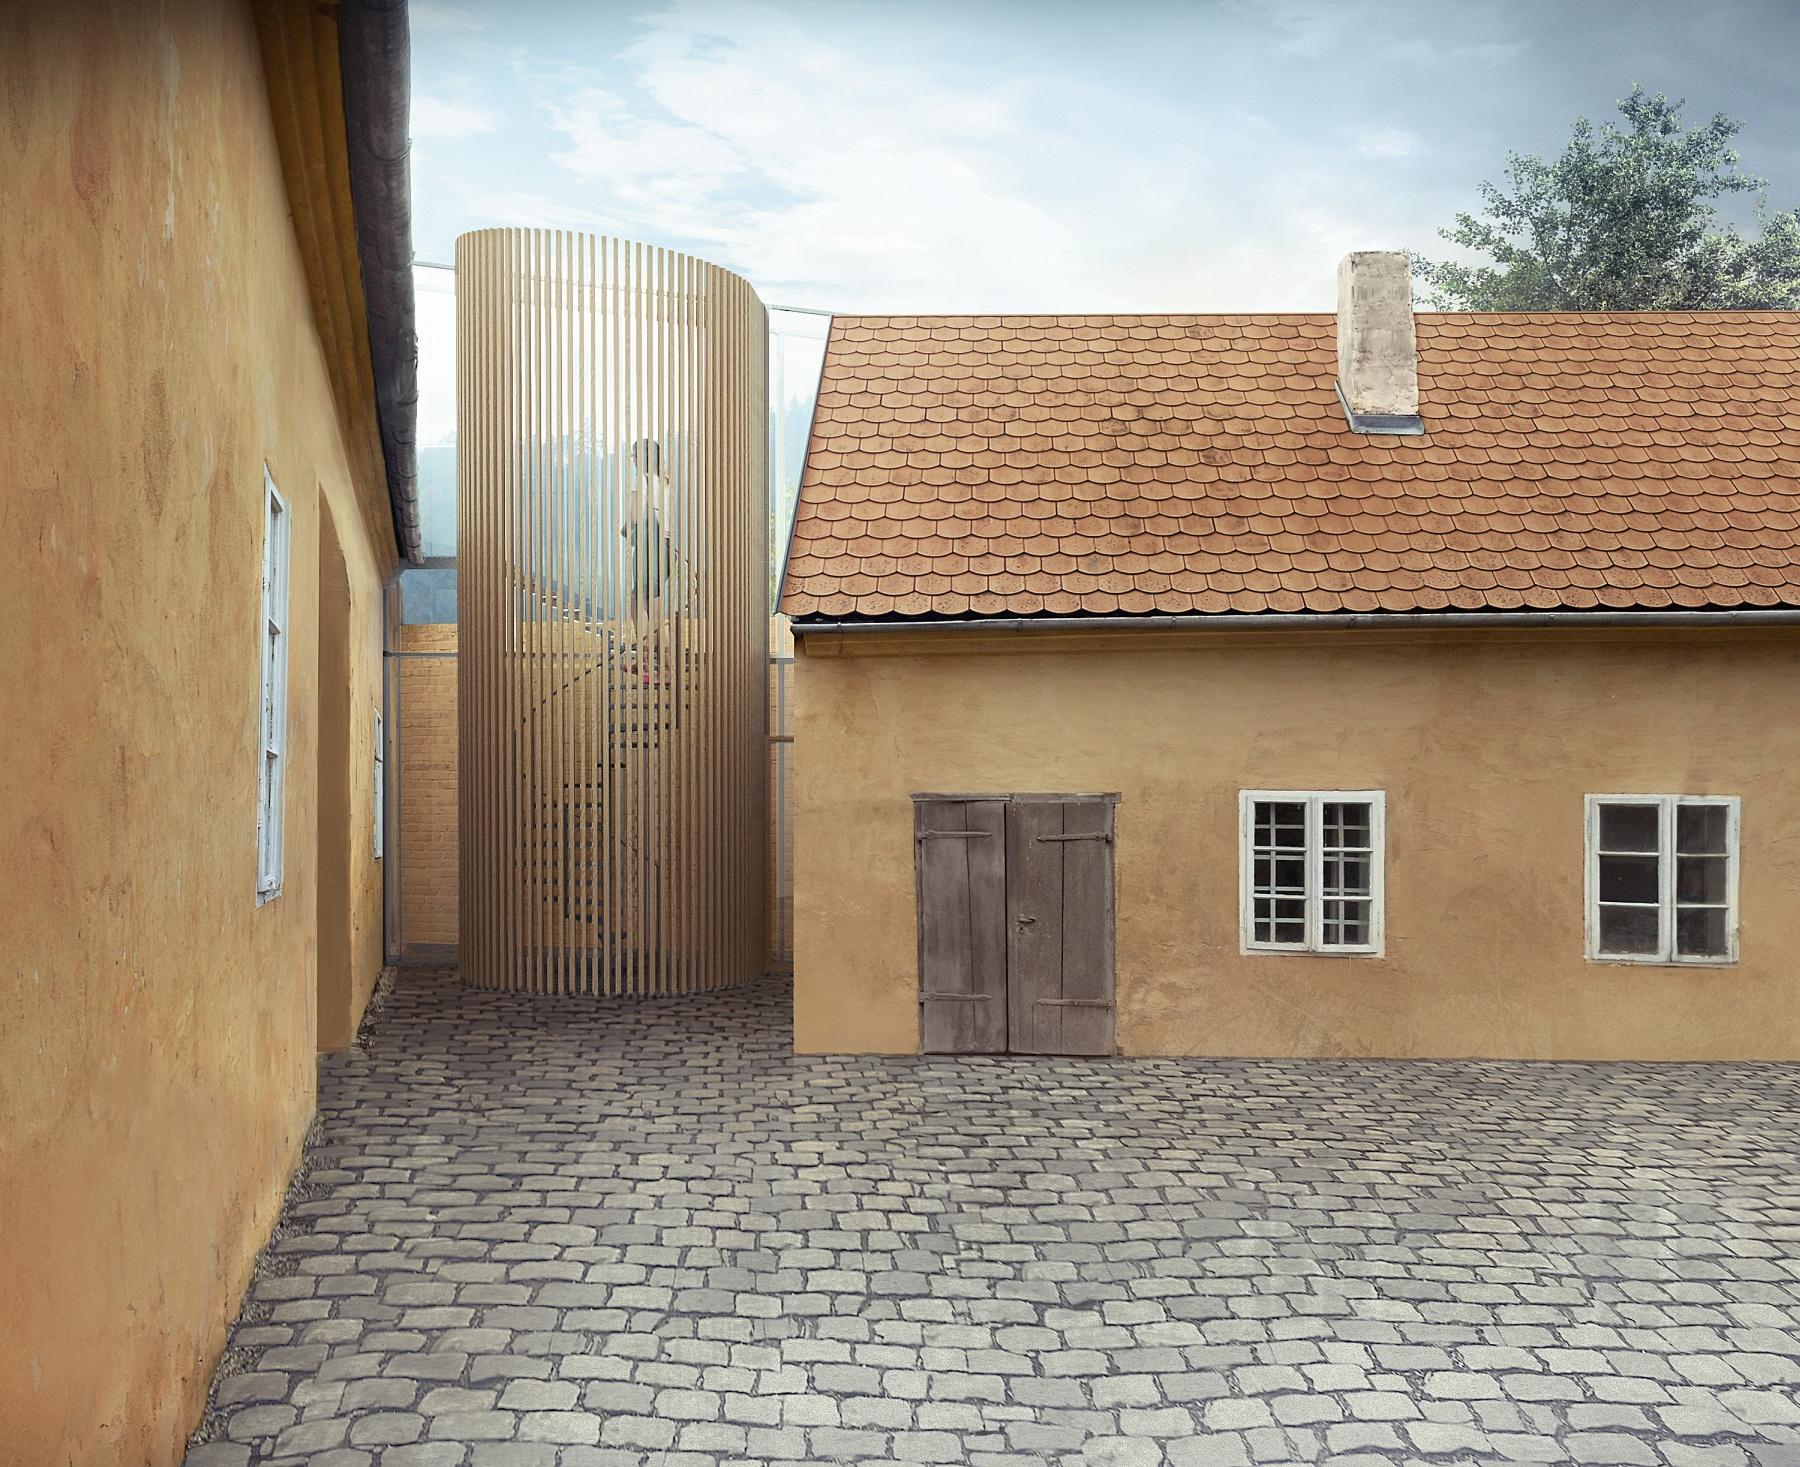 Rekonstrukce historického domu v Nedvědici